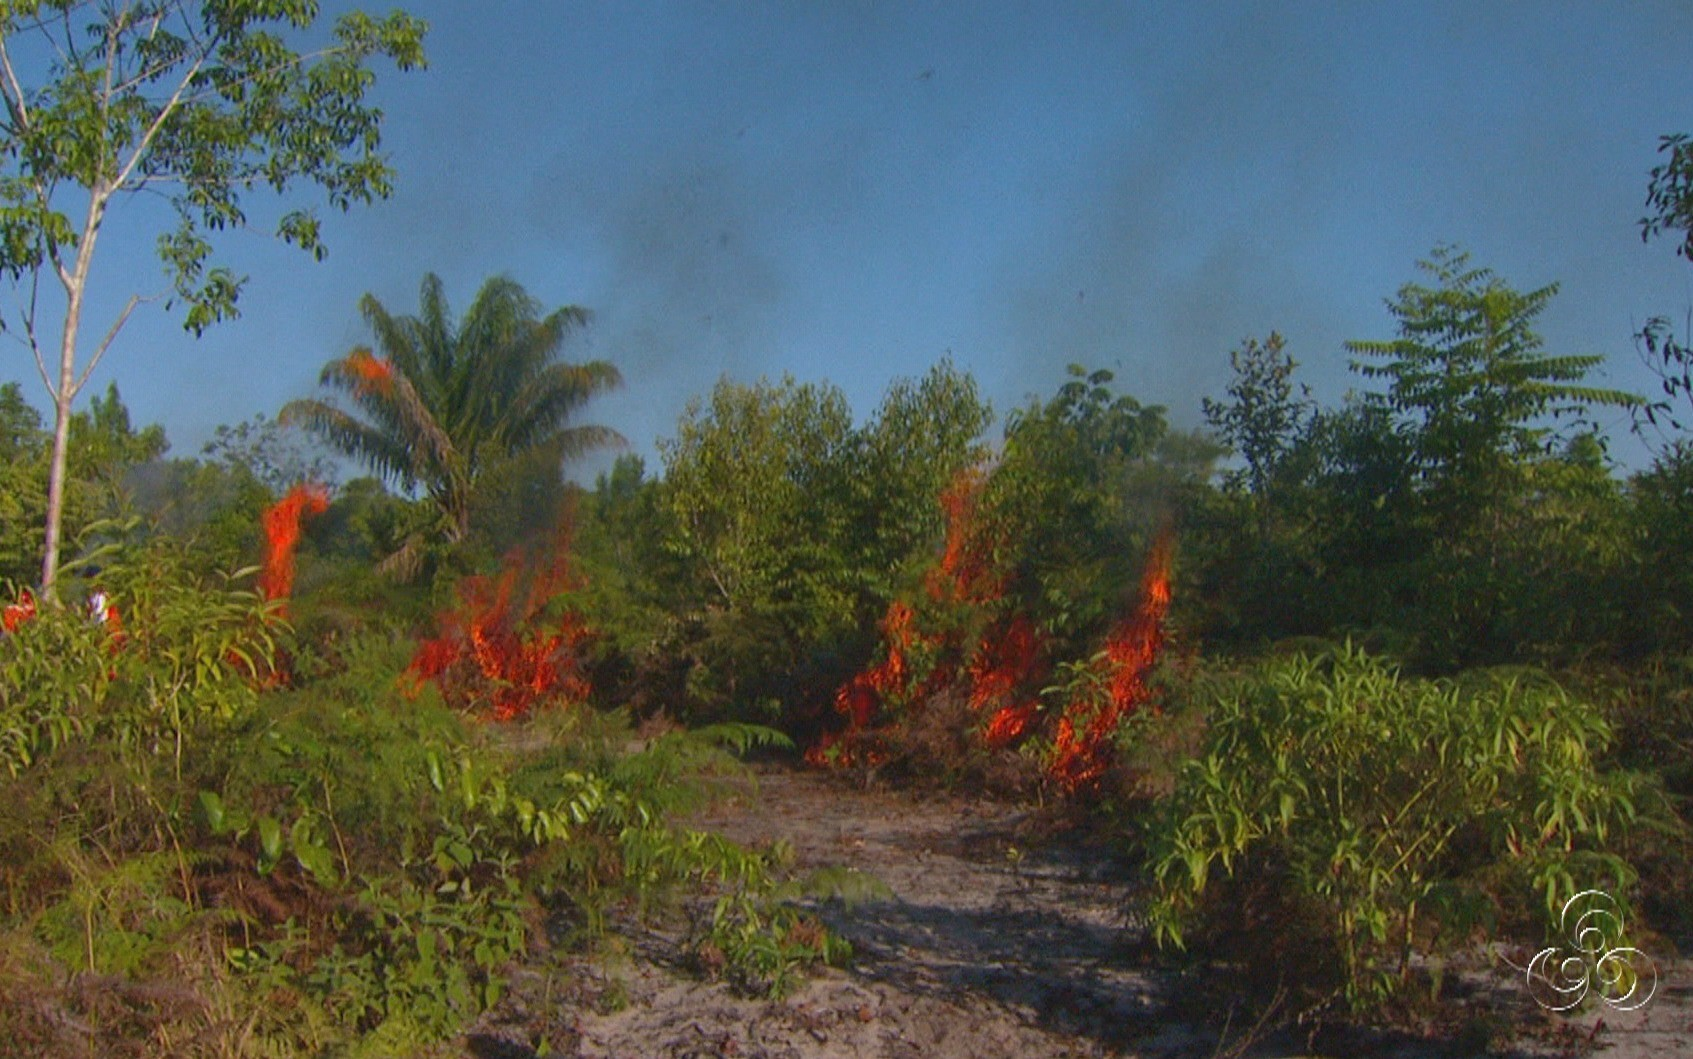 Pesquisa estuda emissão de gases de desmatamento na região (Foto: Jornal do Amazonas)